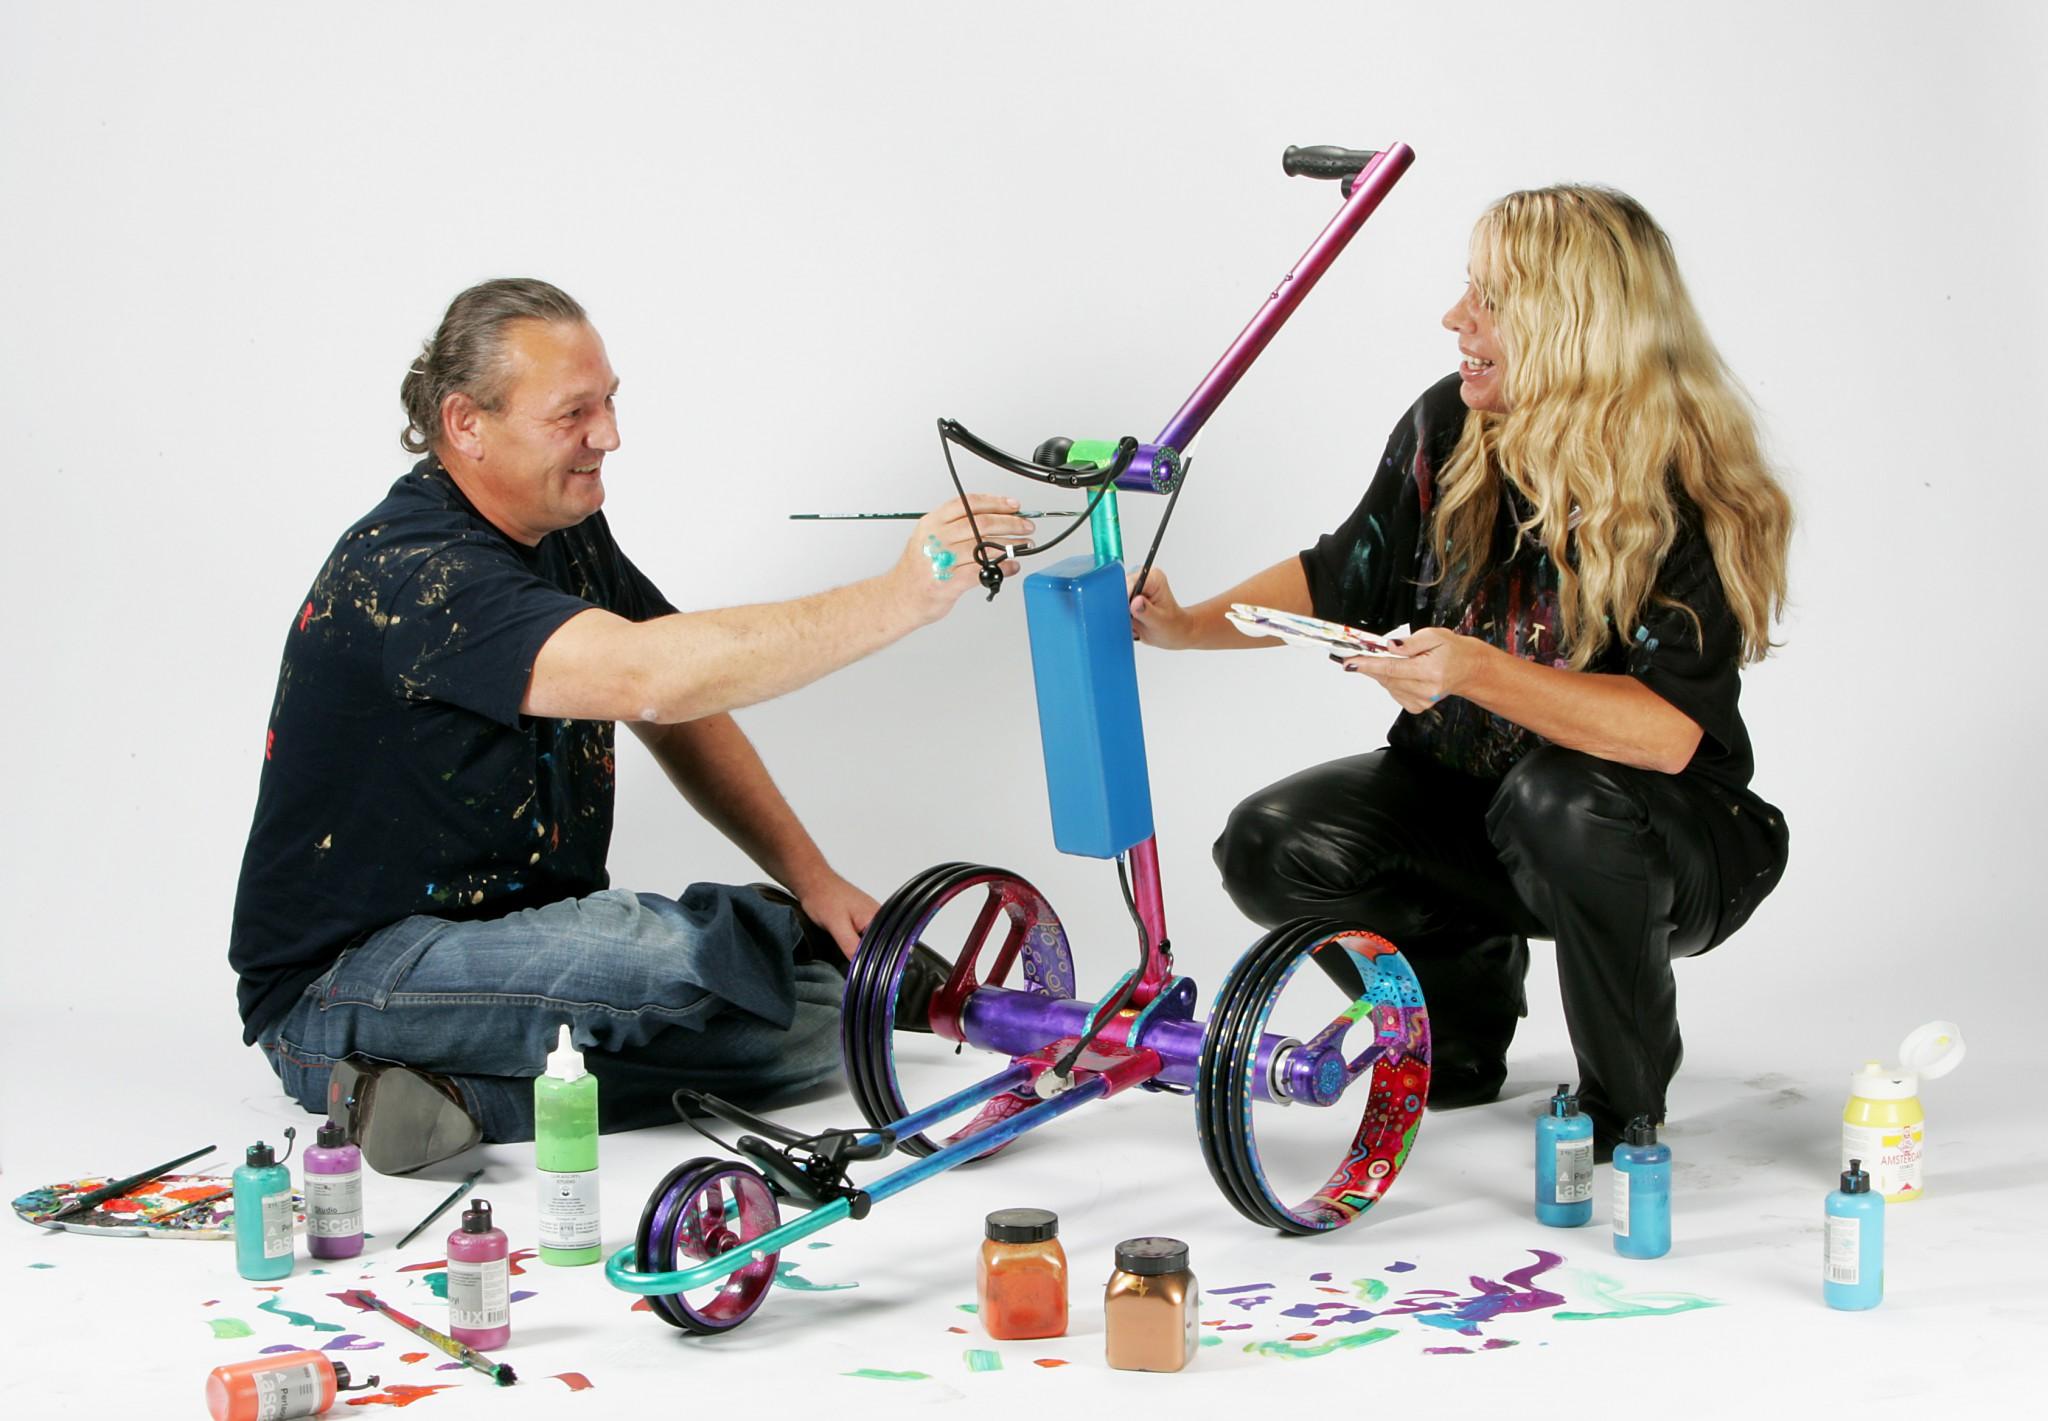 zwei Menschen bemalen einen Golf Trolley im Hundertwasser-Look